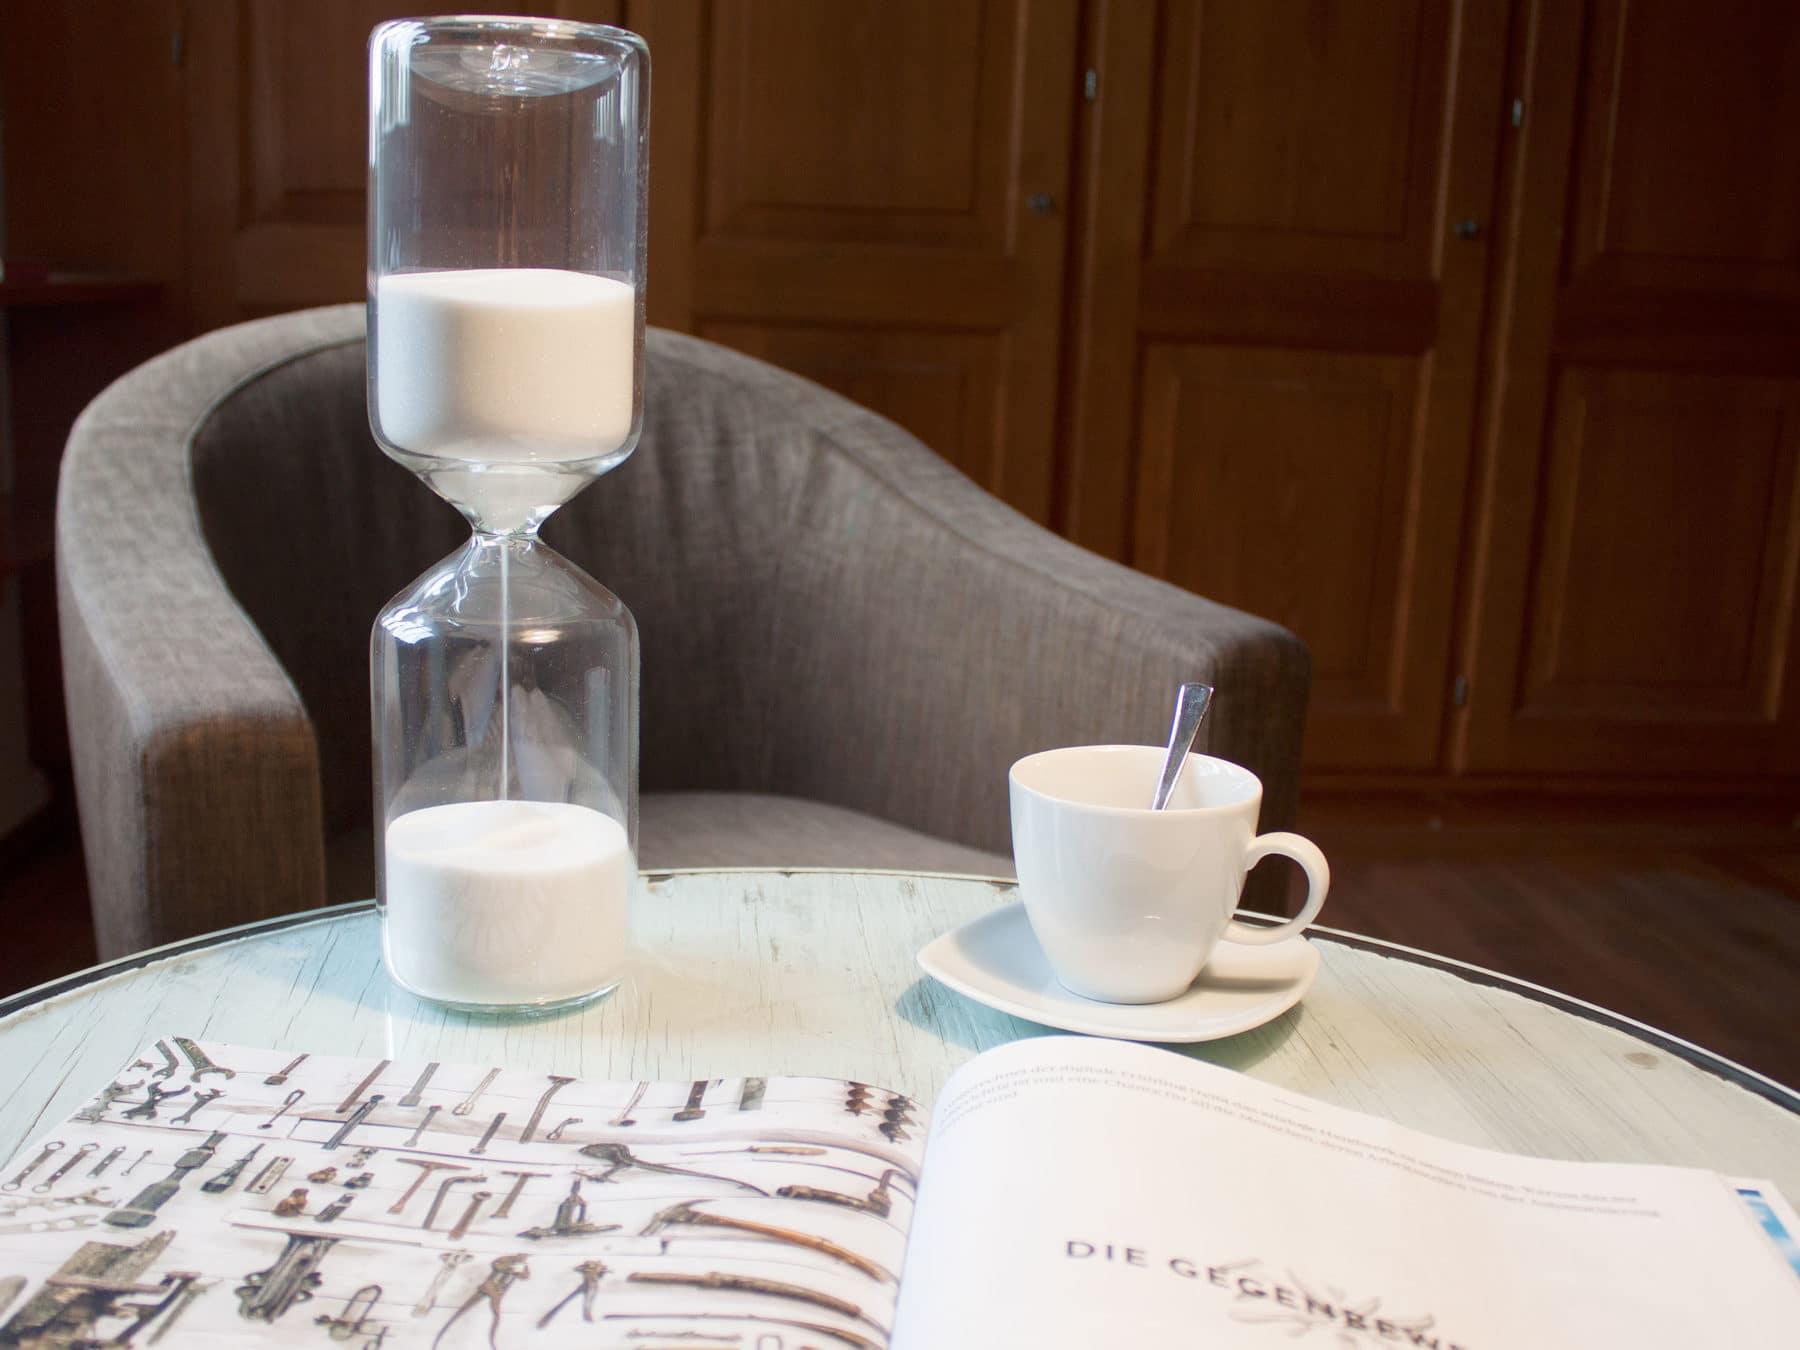 Sanduhr kaufen Weiss Schweiz Glasblaeser handgemacht Staedler swiss KURTS.ch